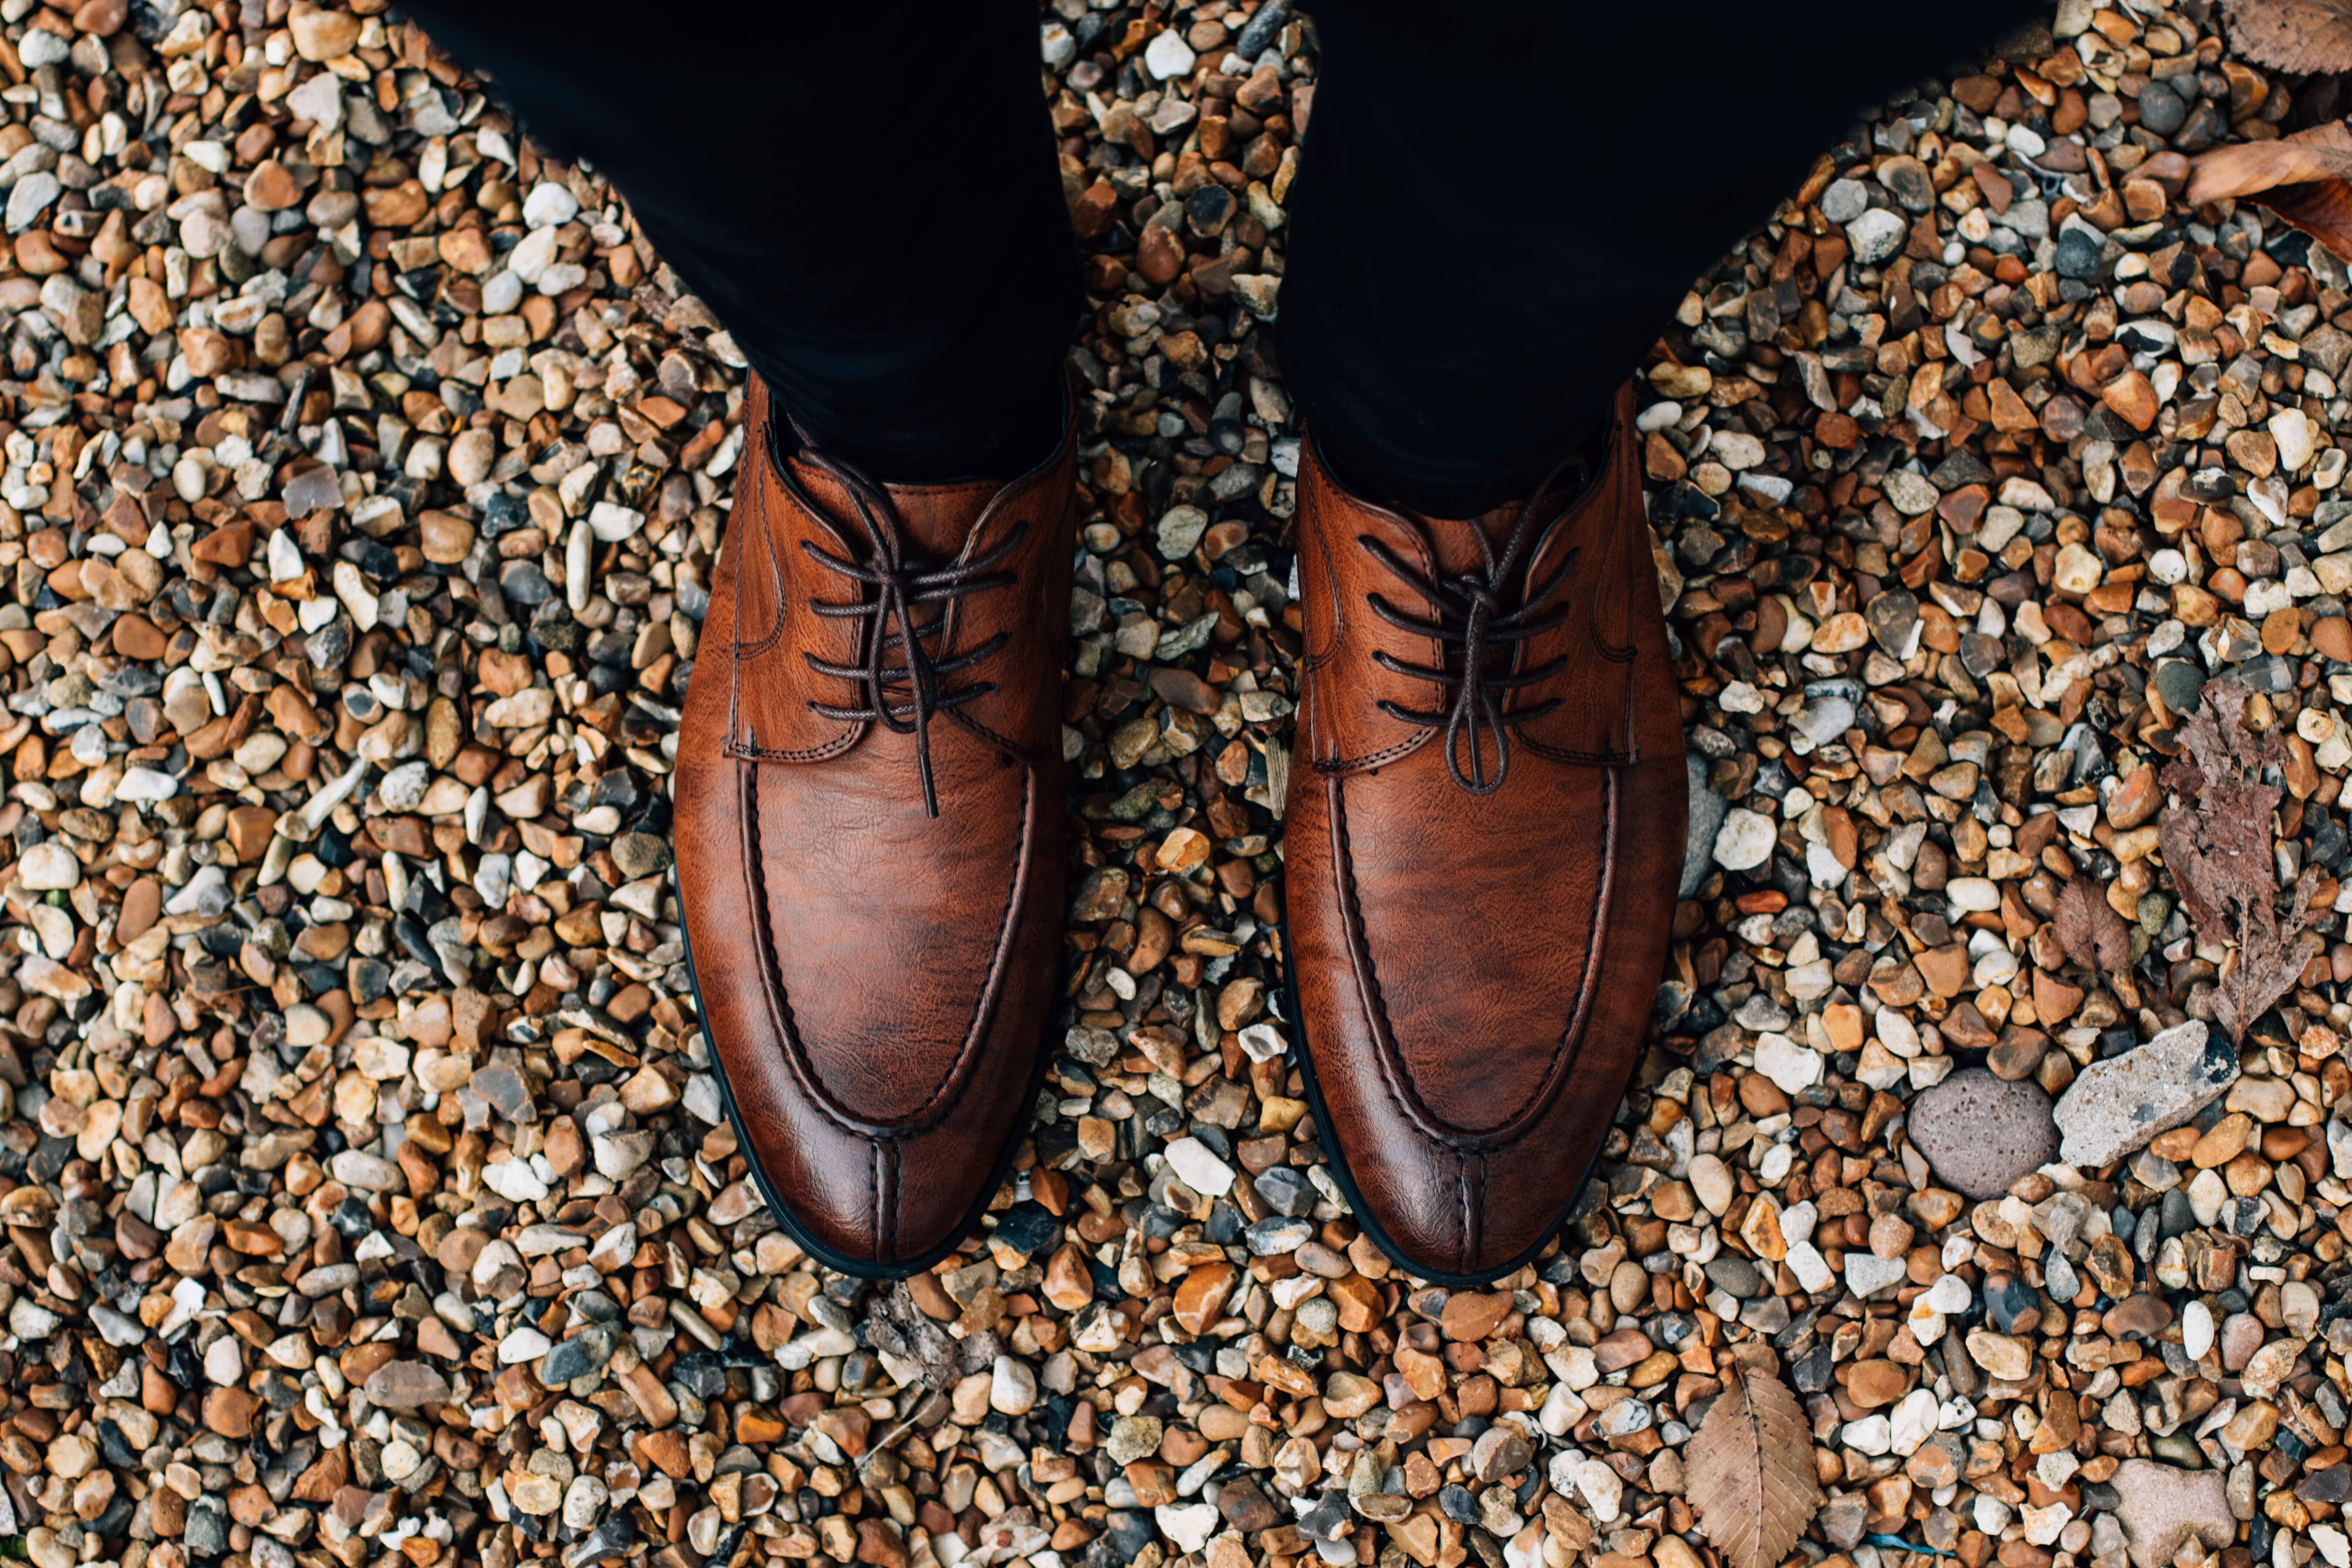 UK VEGAN SHOES -LIFESTYLE INTERNATIONAL LIMITED, www.lifestyleint.co.uk, 1